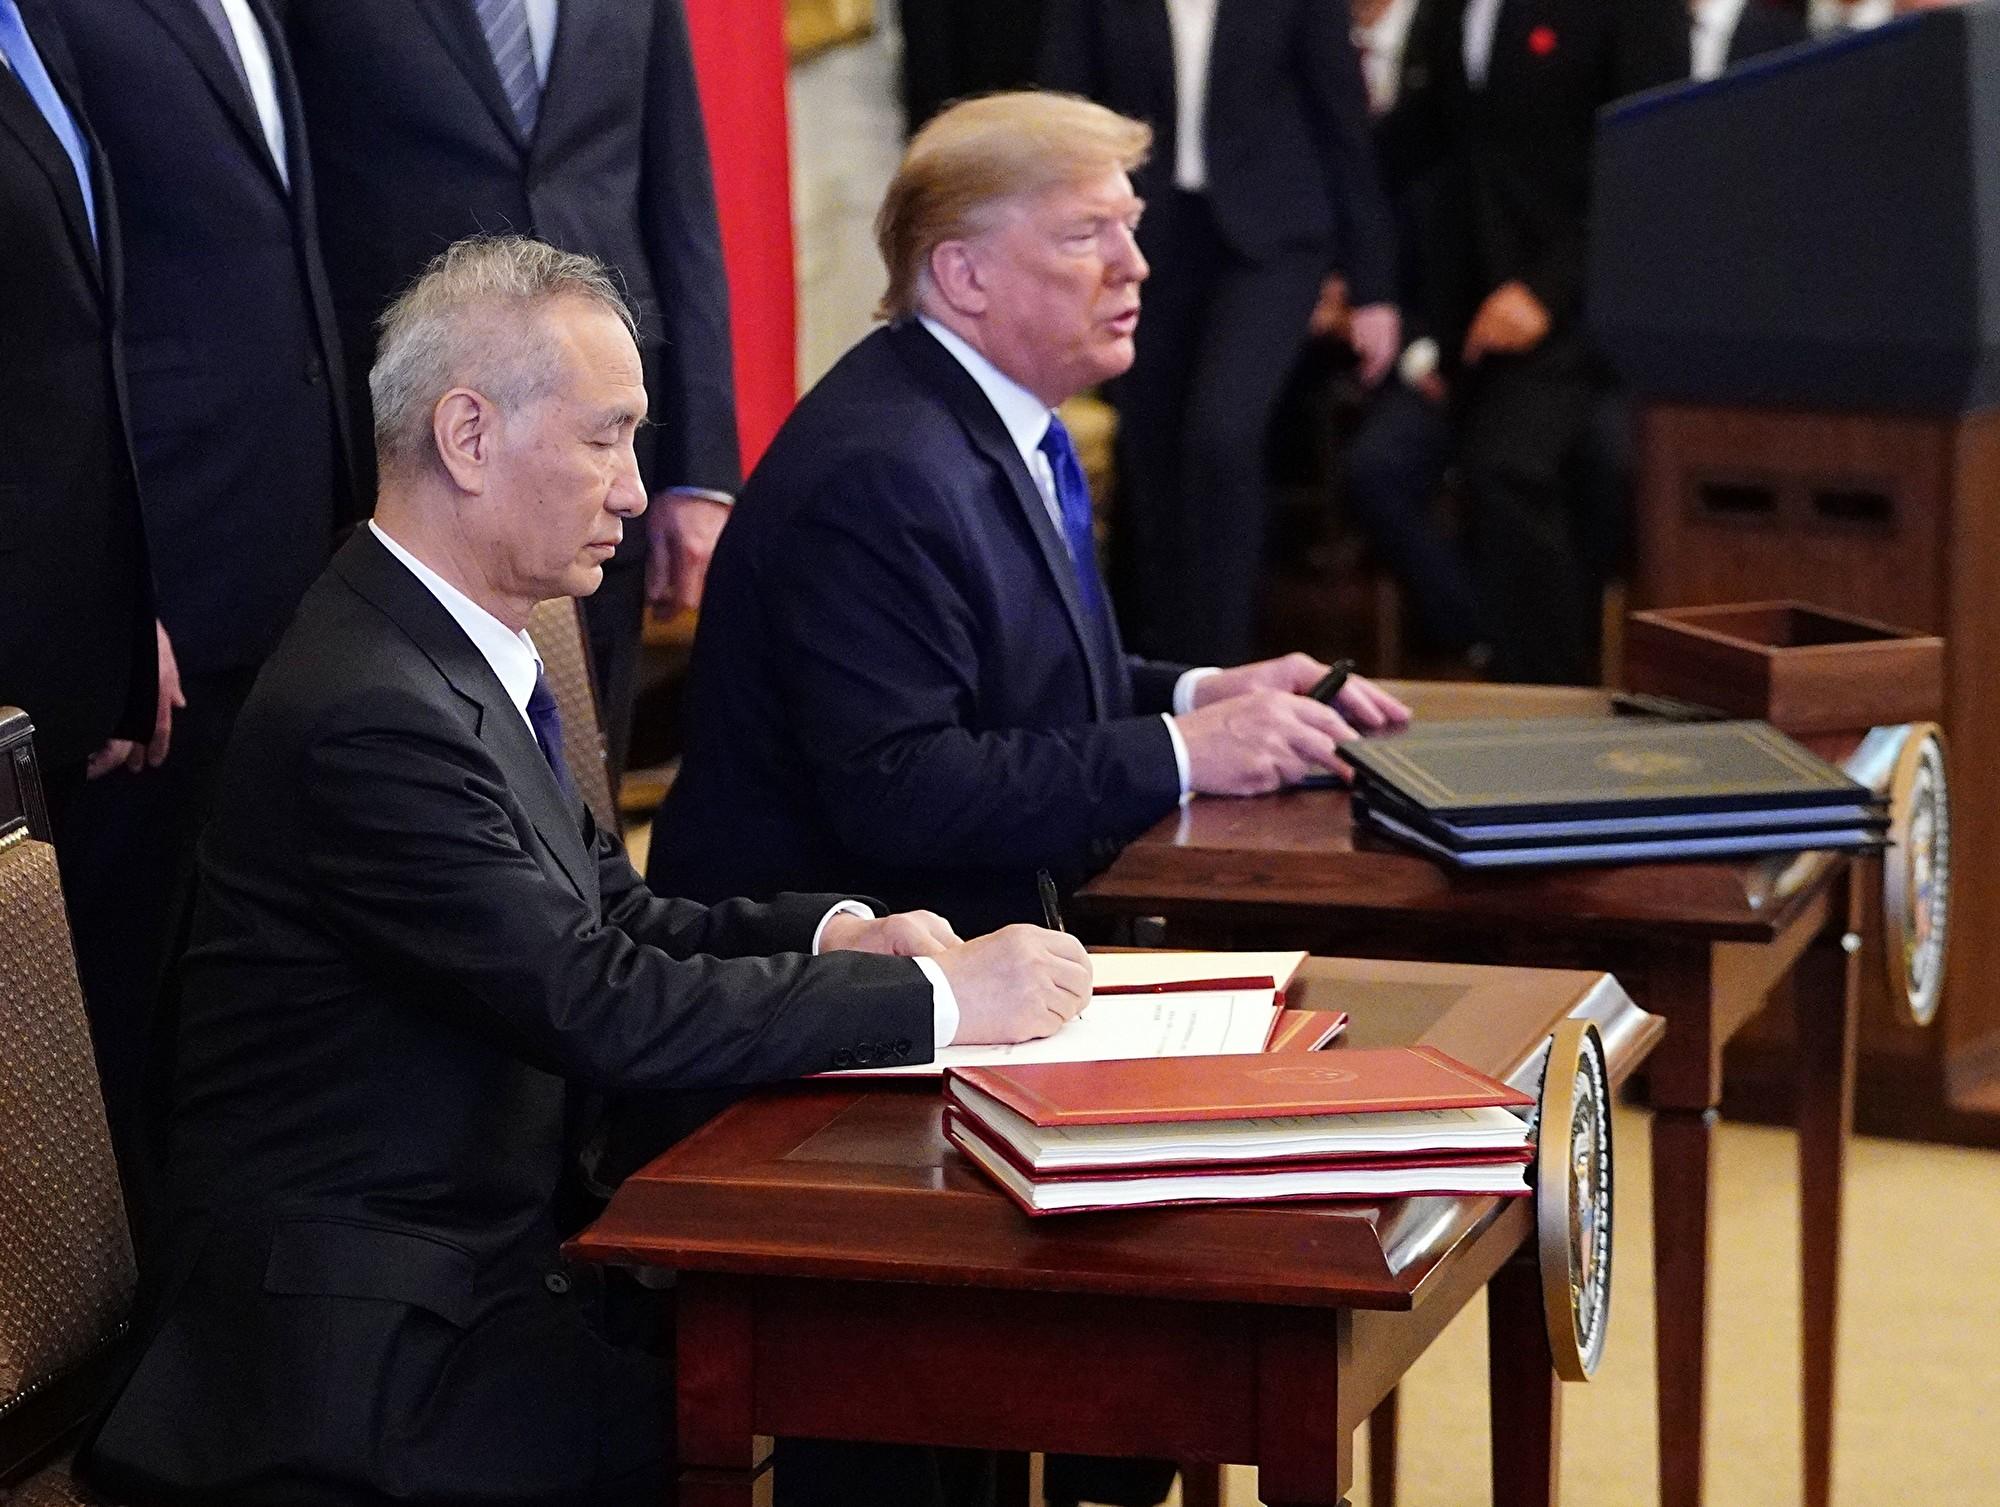 周曉輝:習近平未去美國簽約背後隱藏的危機